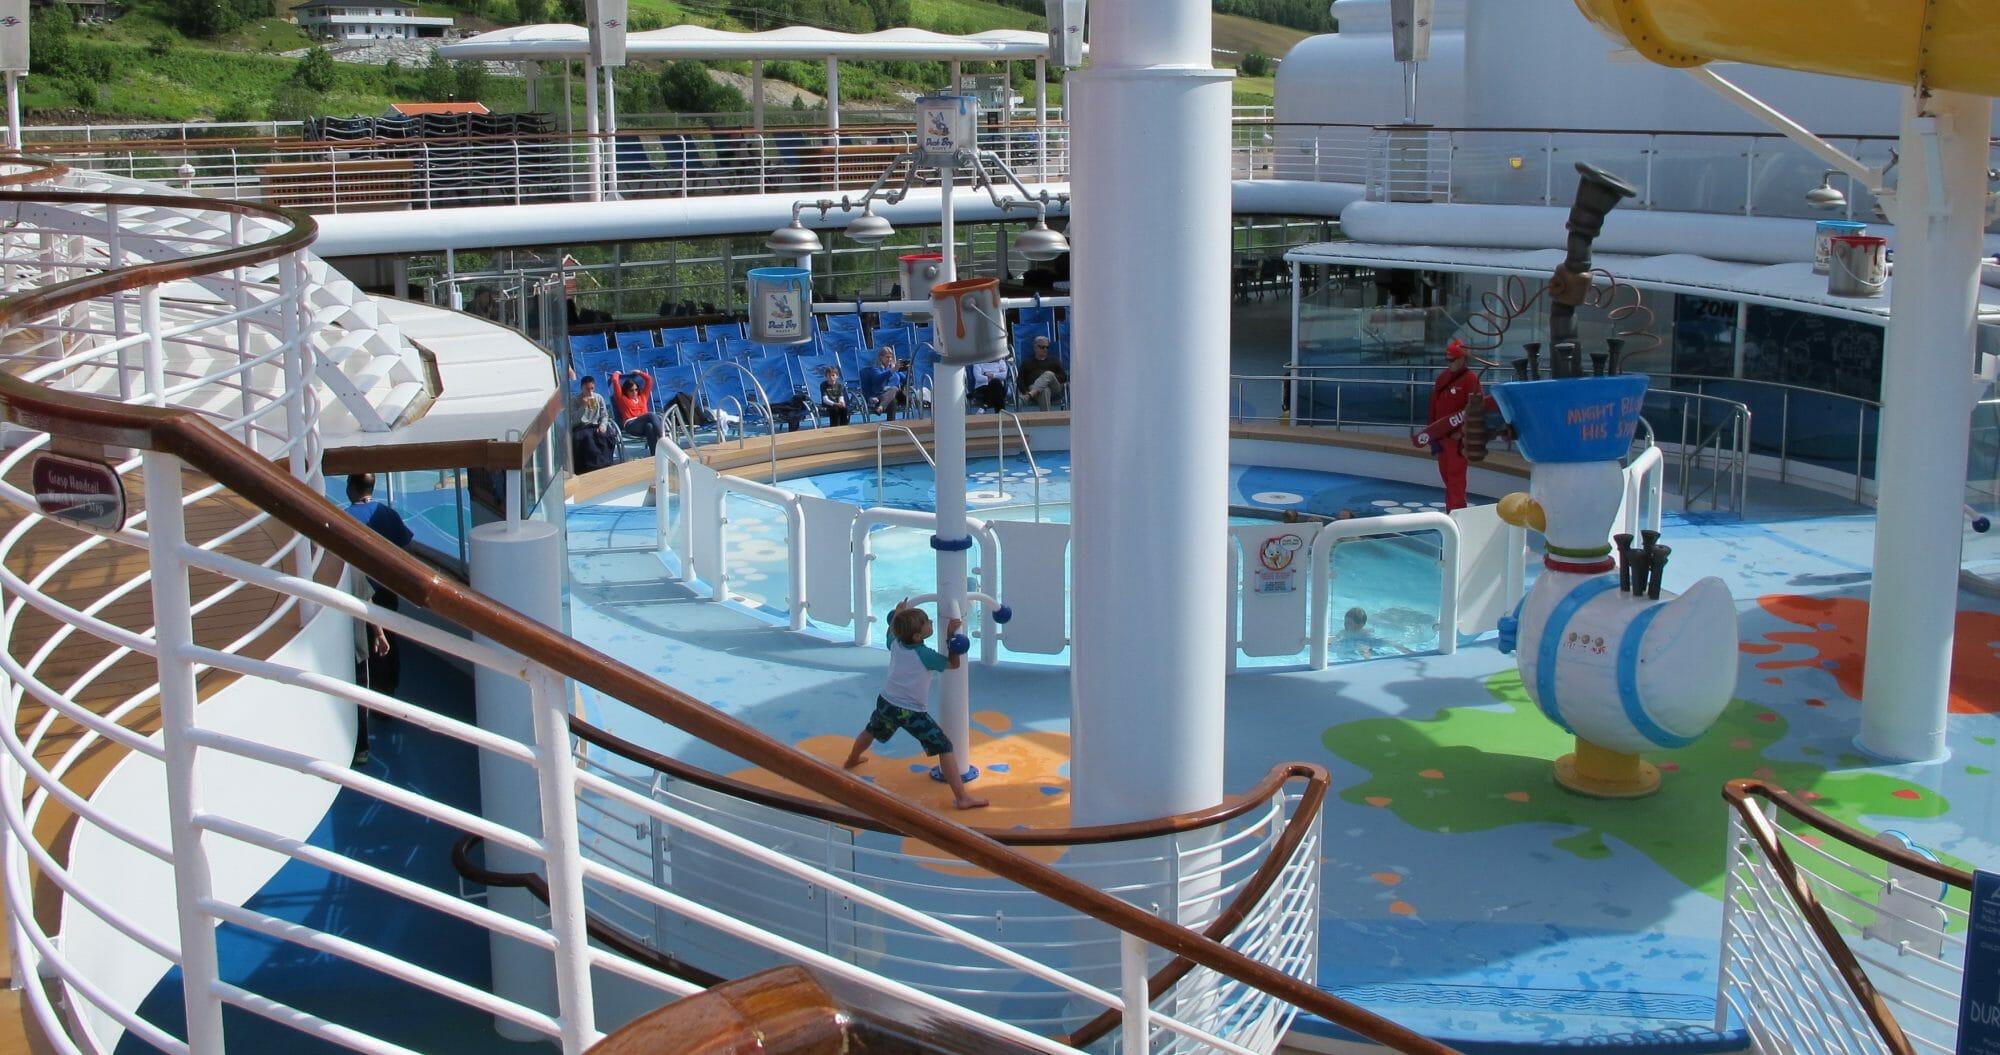 Piscina para pequeños en barco Disney